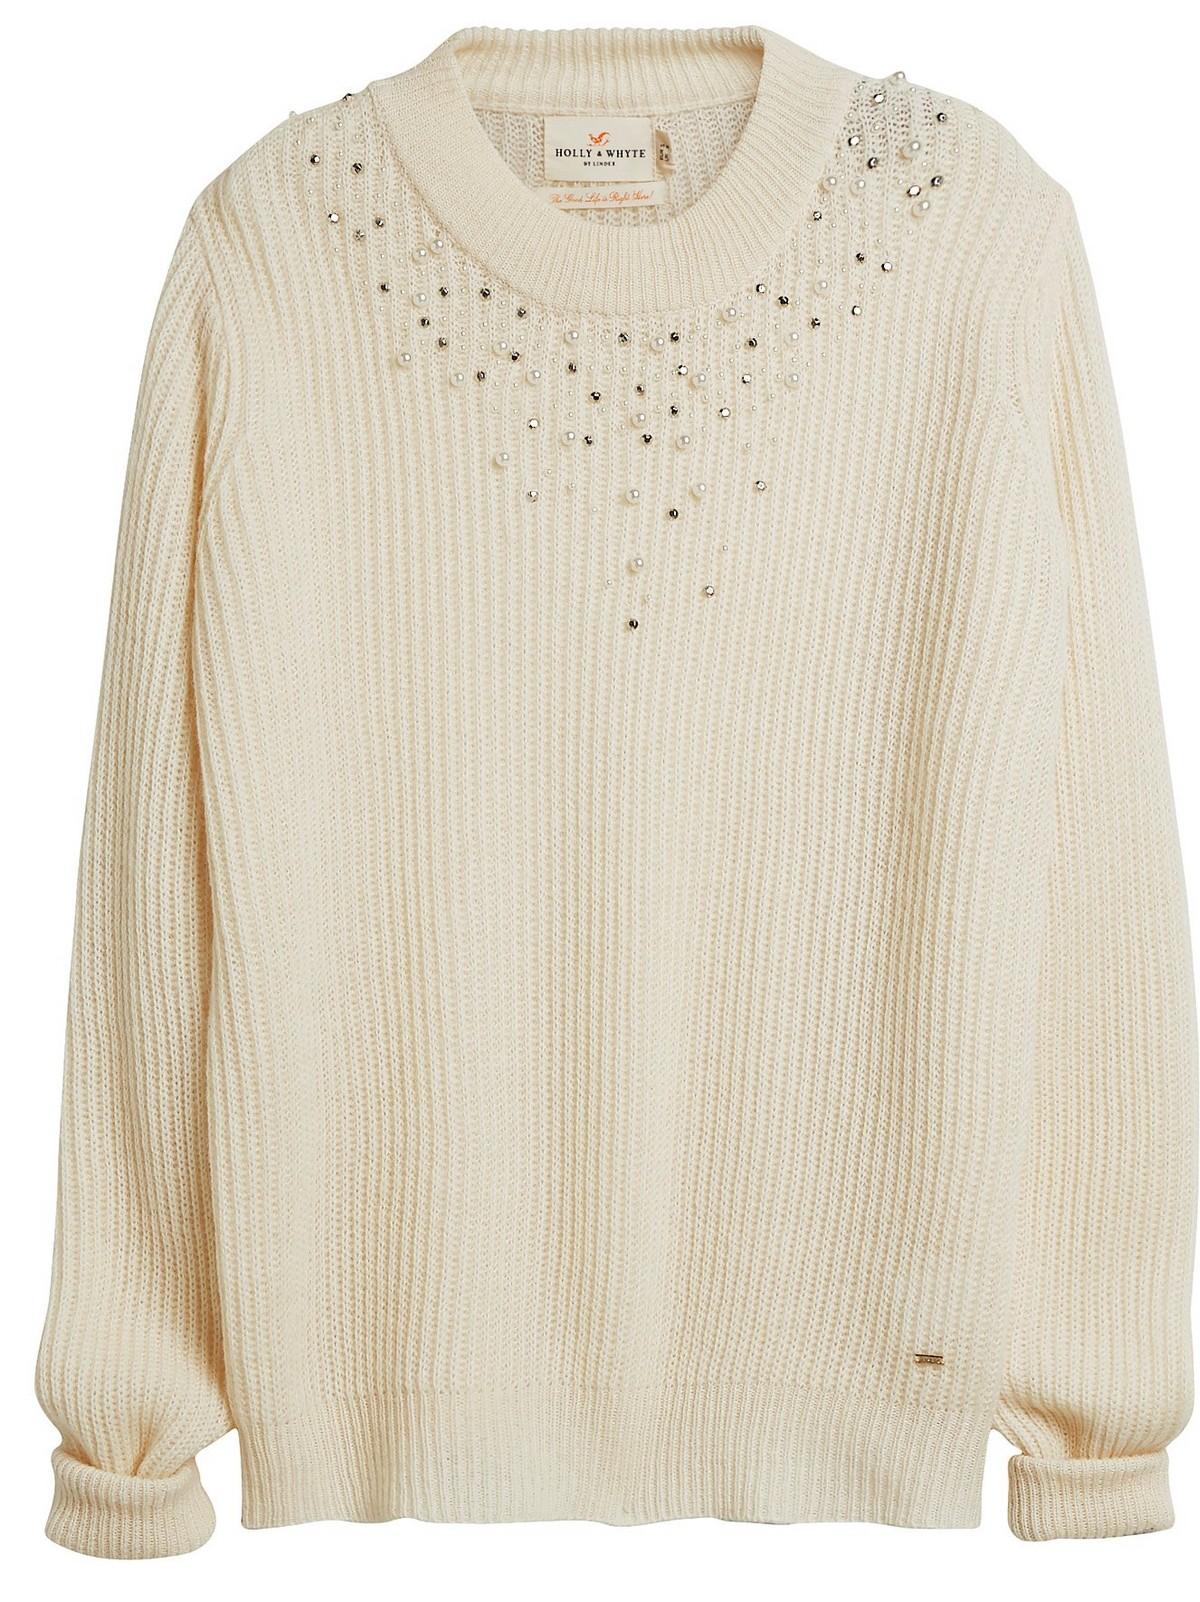 Strikket genser med perler | Lindex